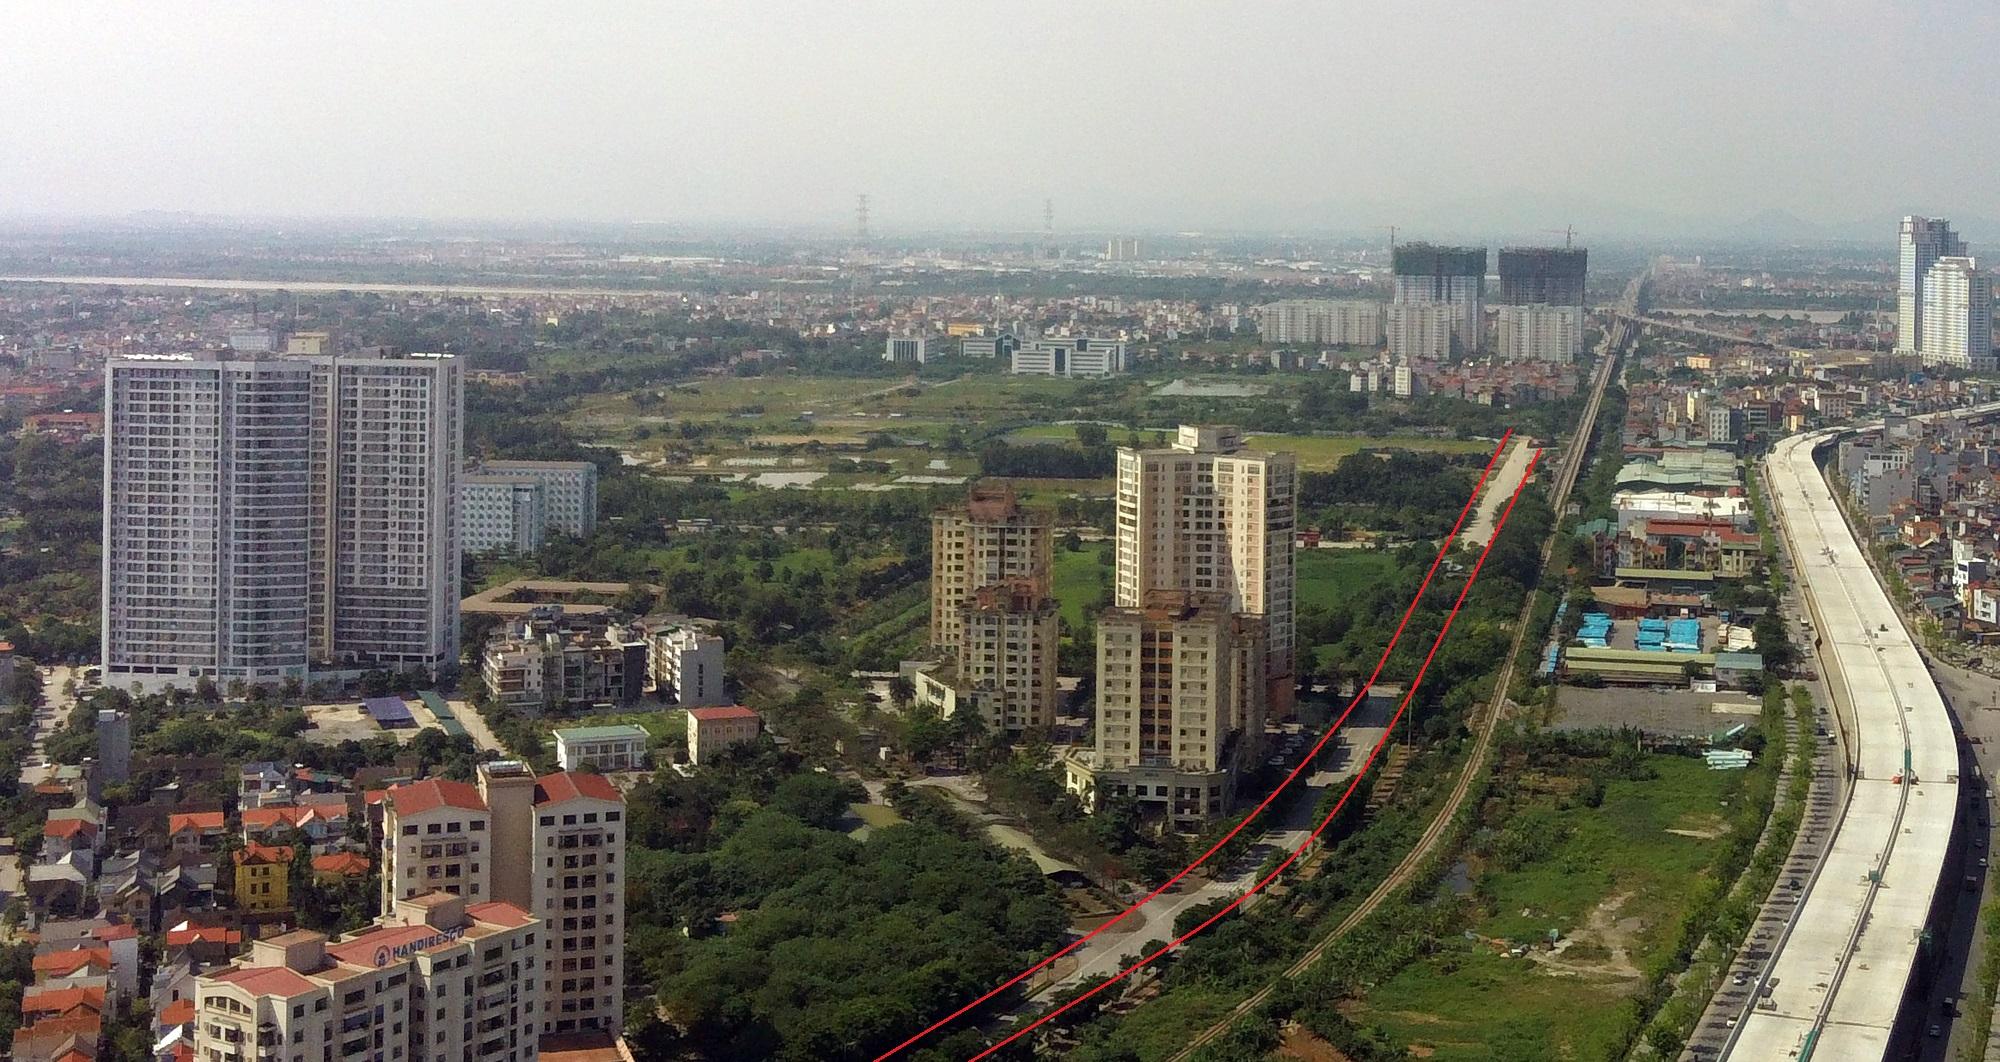 3 đường sẽ mở theo qui hoạch ở phường Xuân Đỉnh, Bắc Từ Liêm - Ảnh 12.